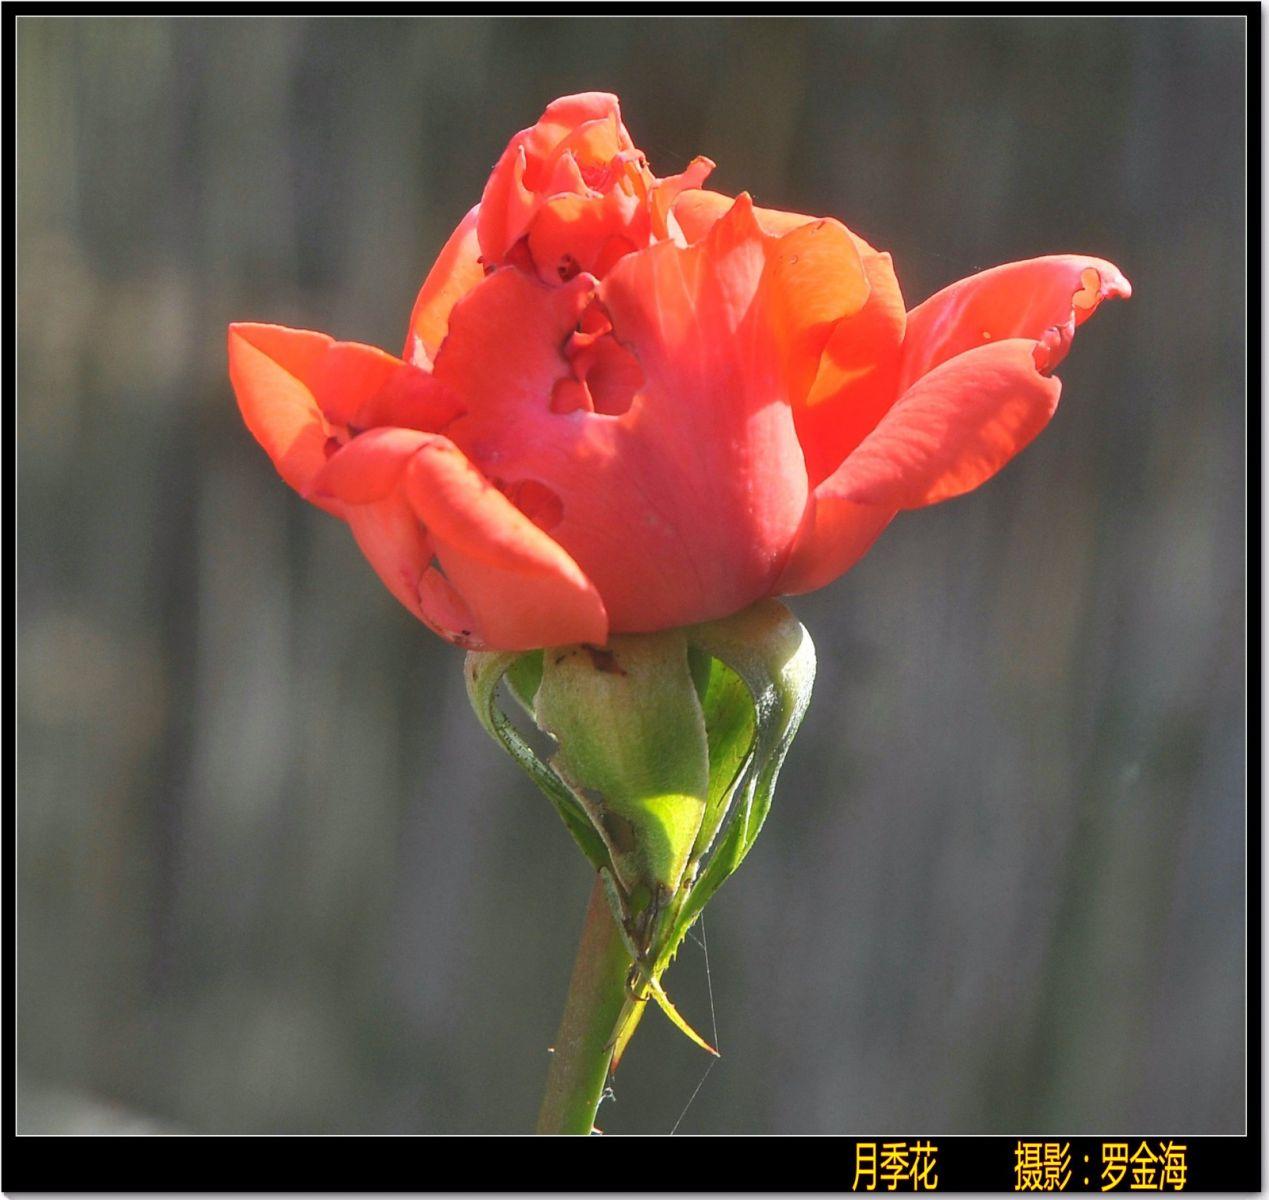 赞母爱·七律(致三八节)_图1-2